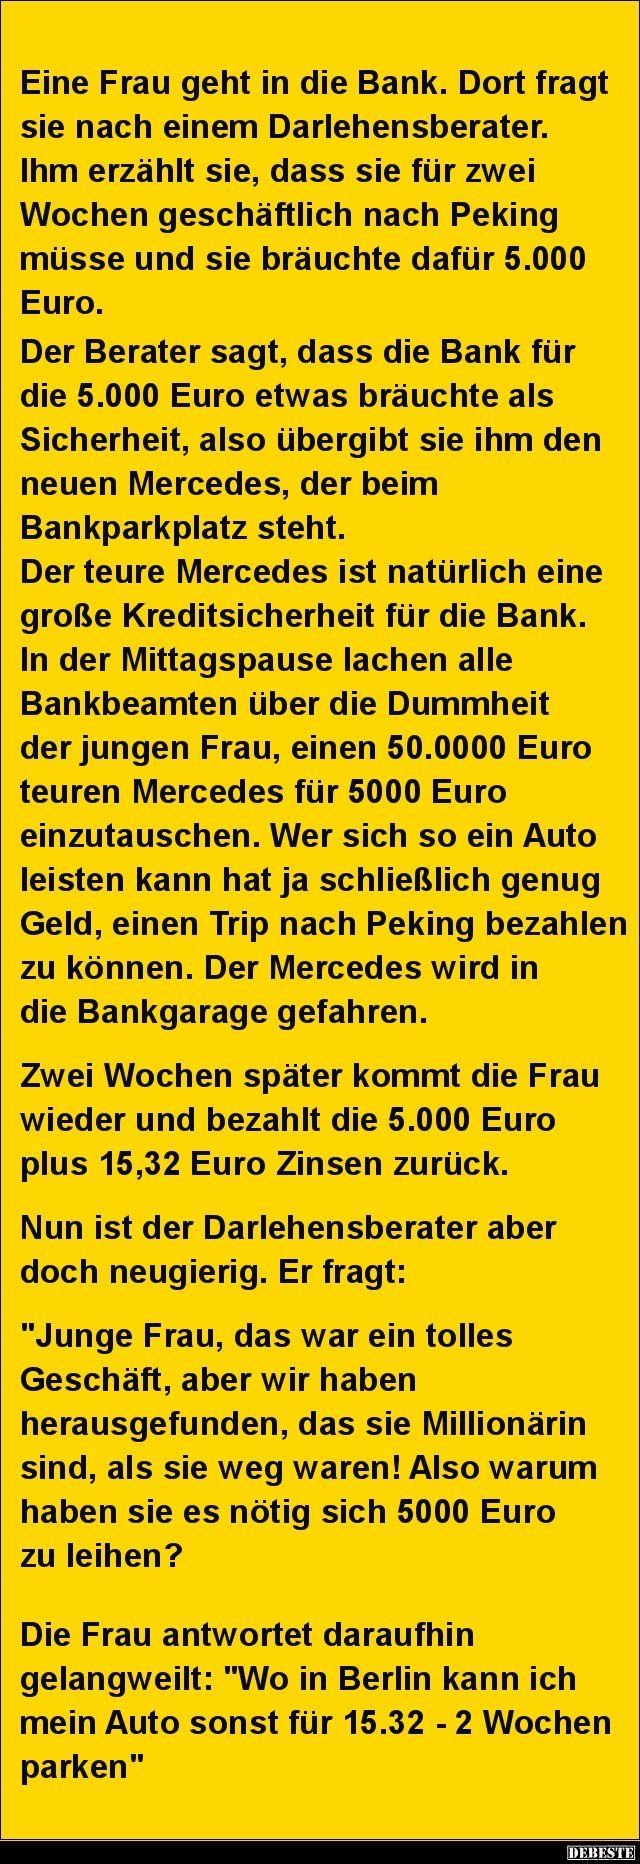 Eine Frau geht in die Bank. Dort fragt sie nach einem.. | DEBESTE.de, Lustige Bilder, Sprüche, Witze und Videos